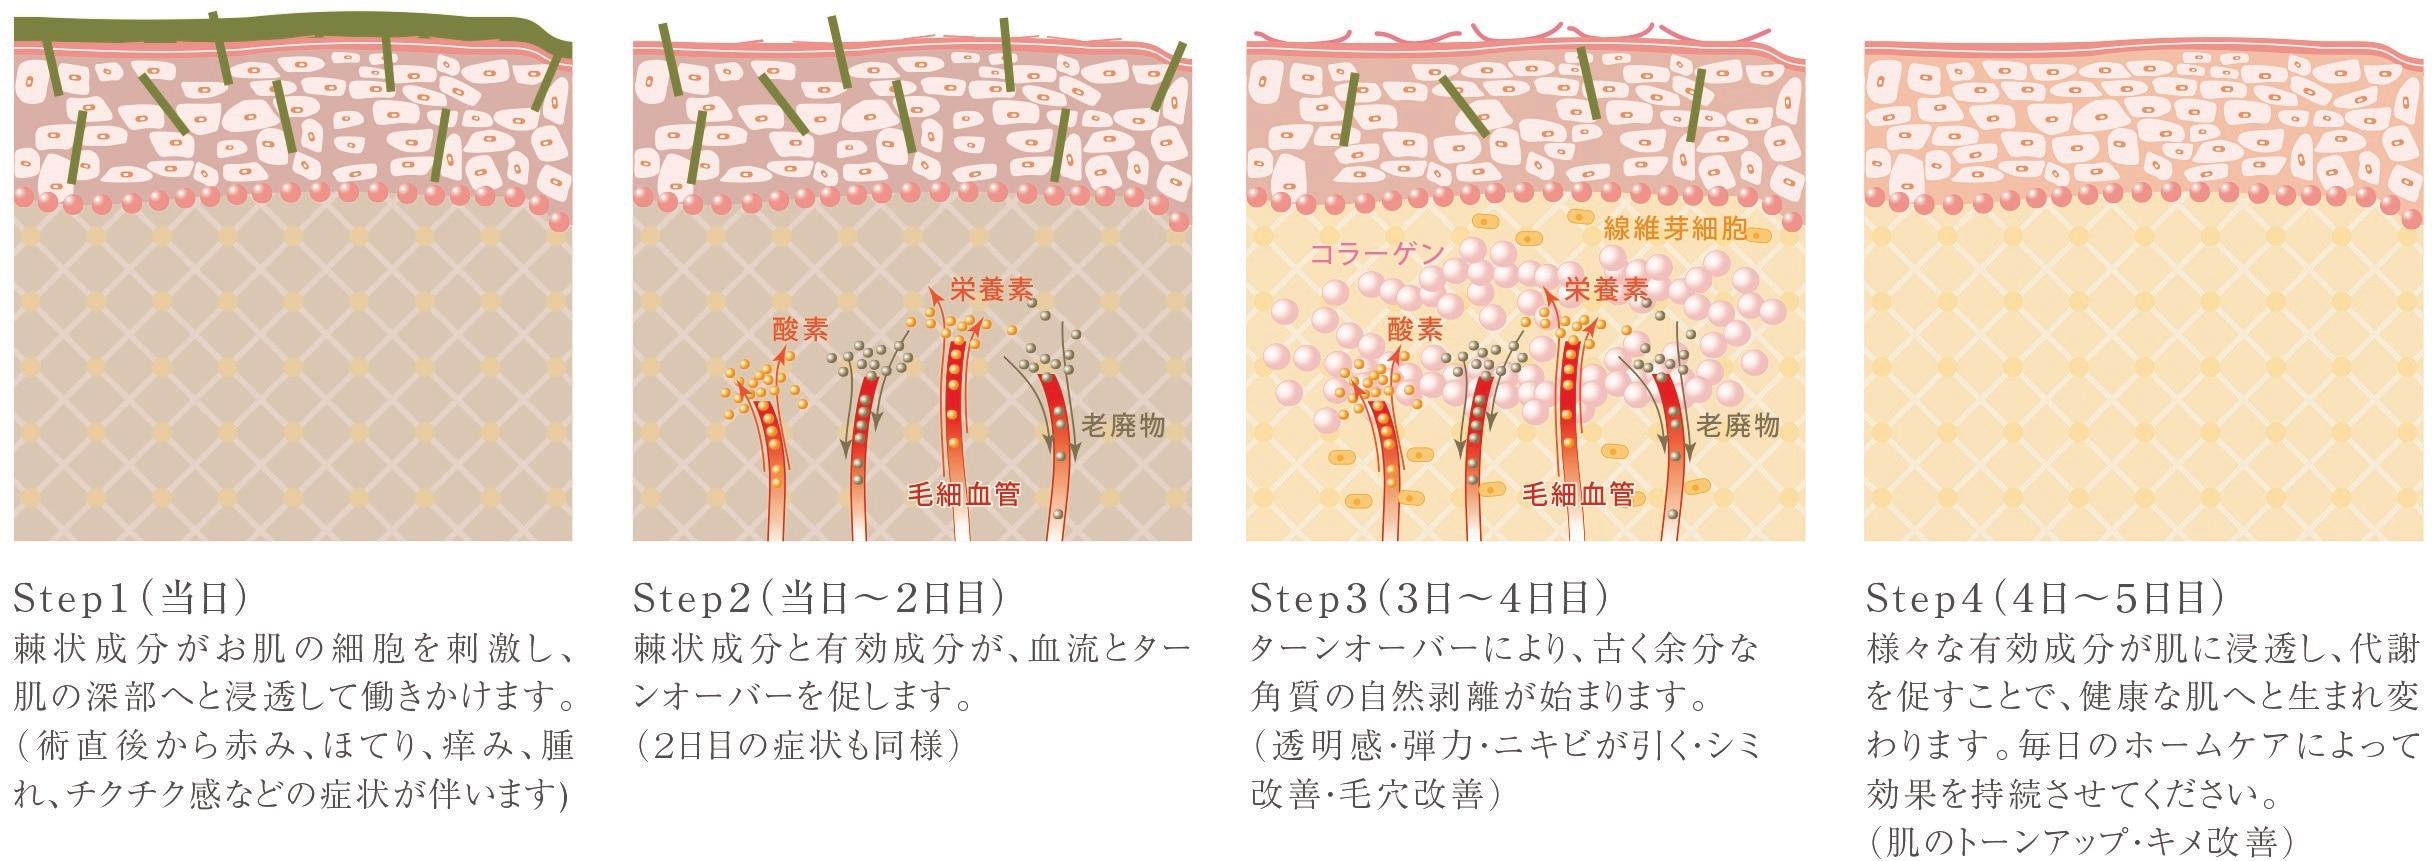 松戸市・美容外科クリニック提携店リベルハーブピーリング・トータルボディメンテナンスのレジーナ